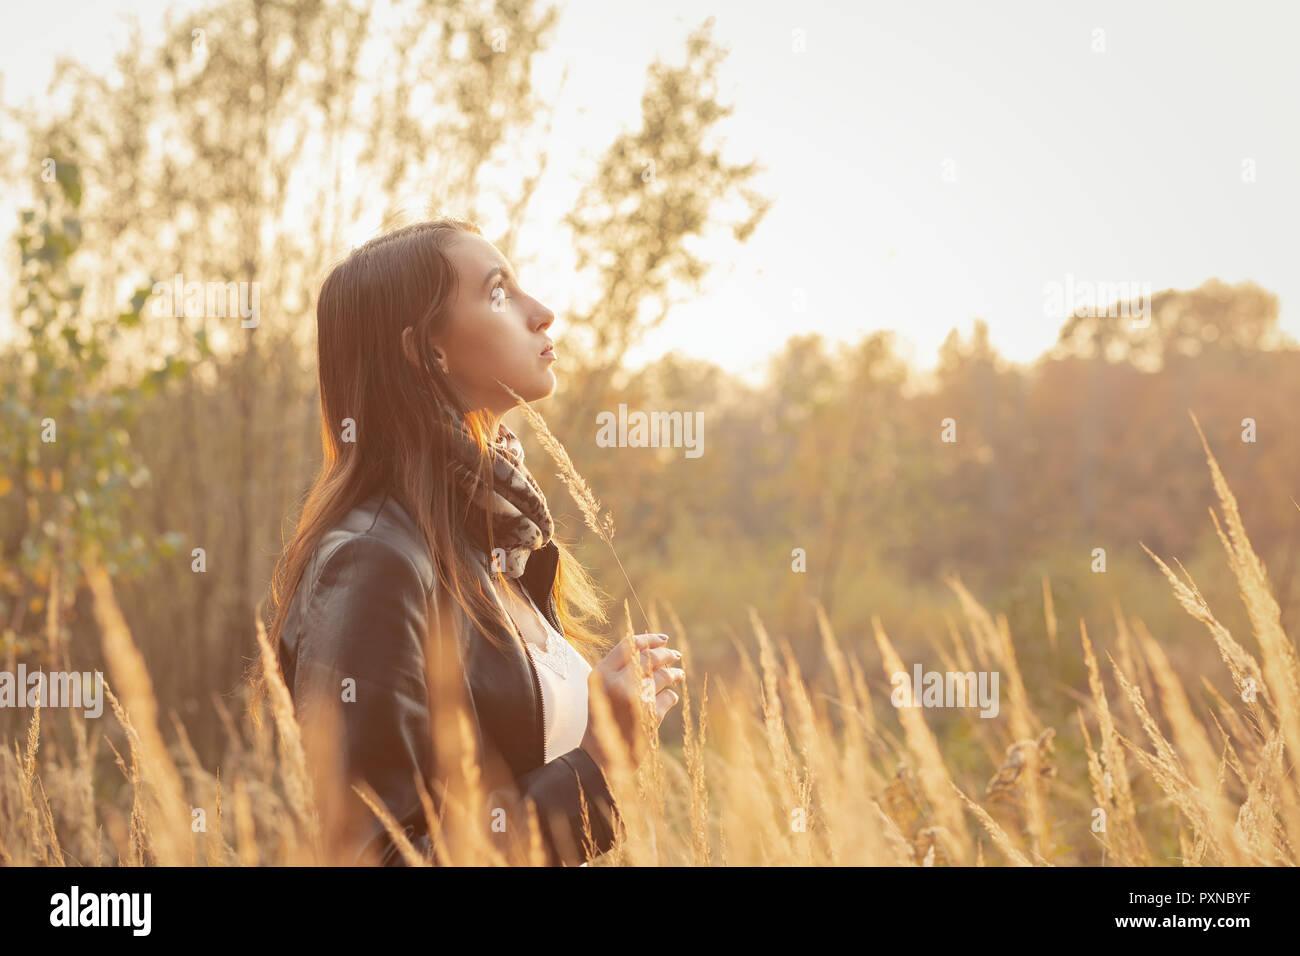 Belle jeune femme triste marche à l'herbe sèche, vue de profil Banque D'Images